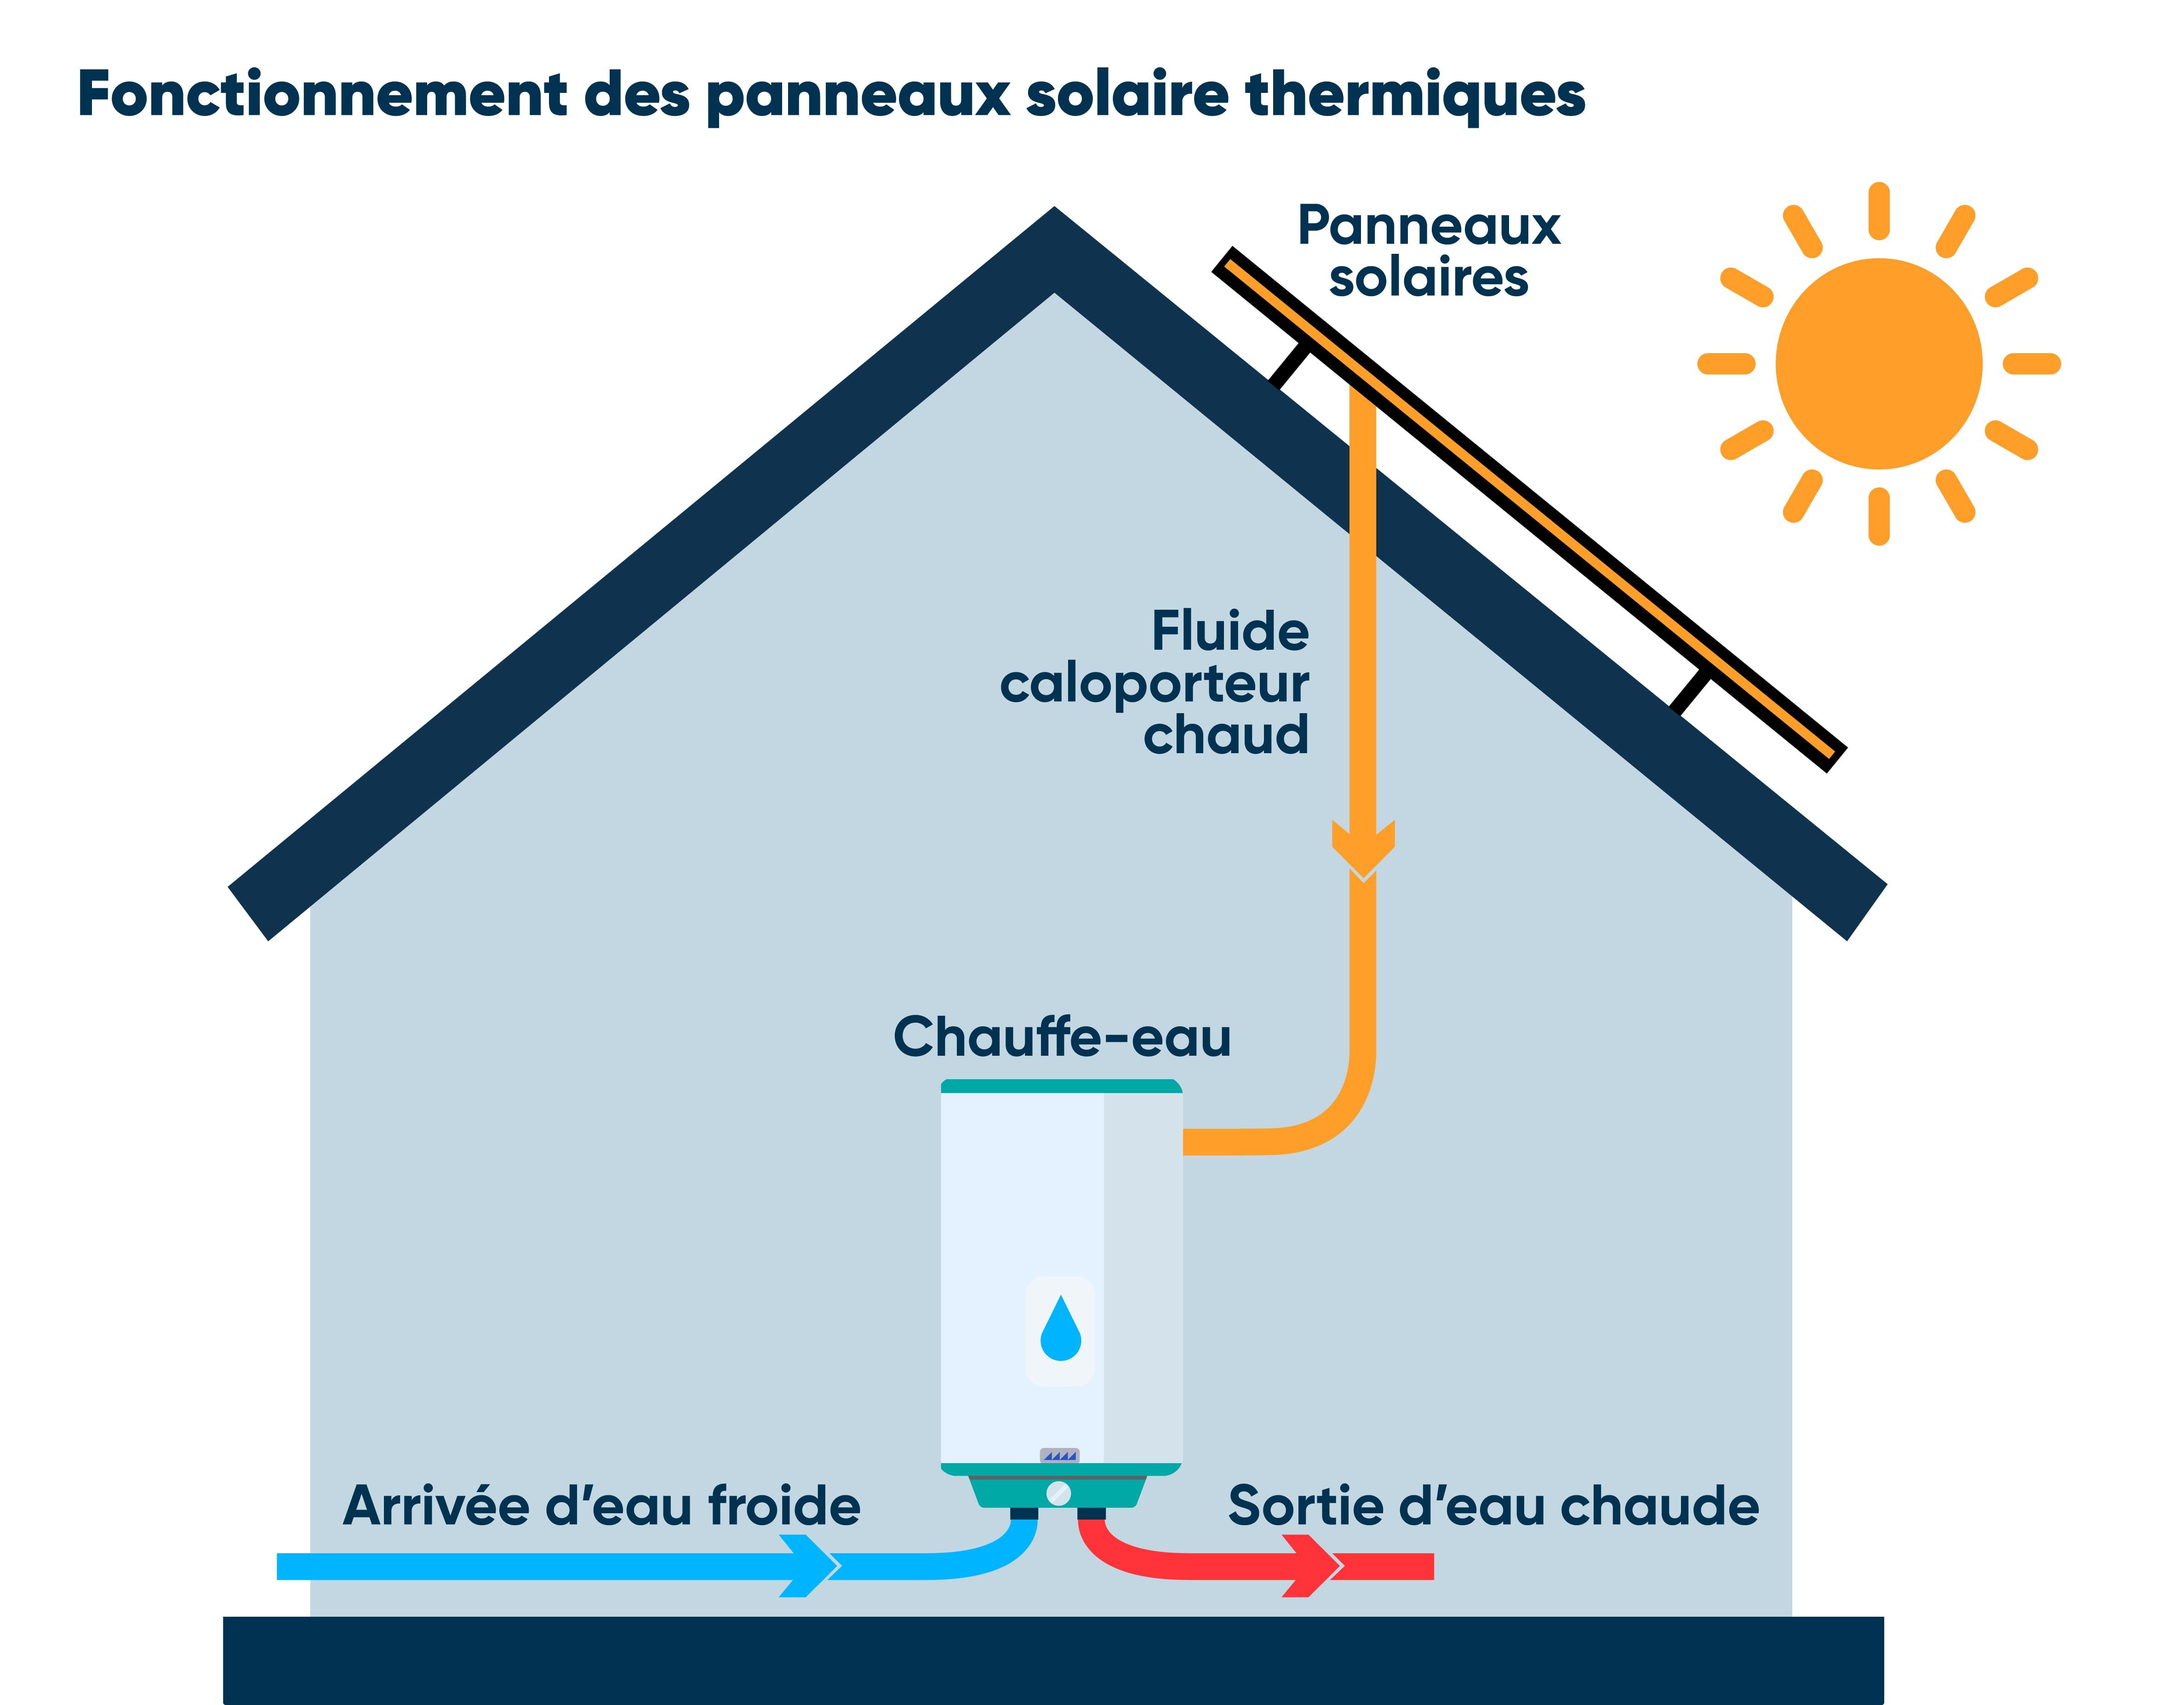 Fontionnement panneaux solaires thermiques